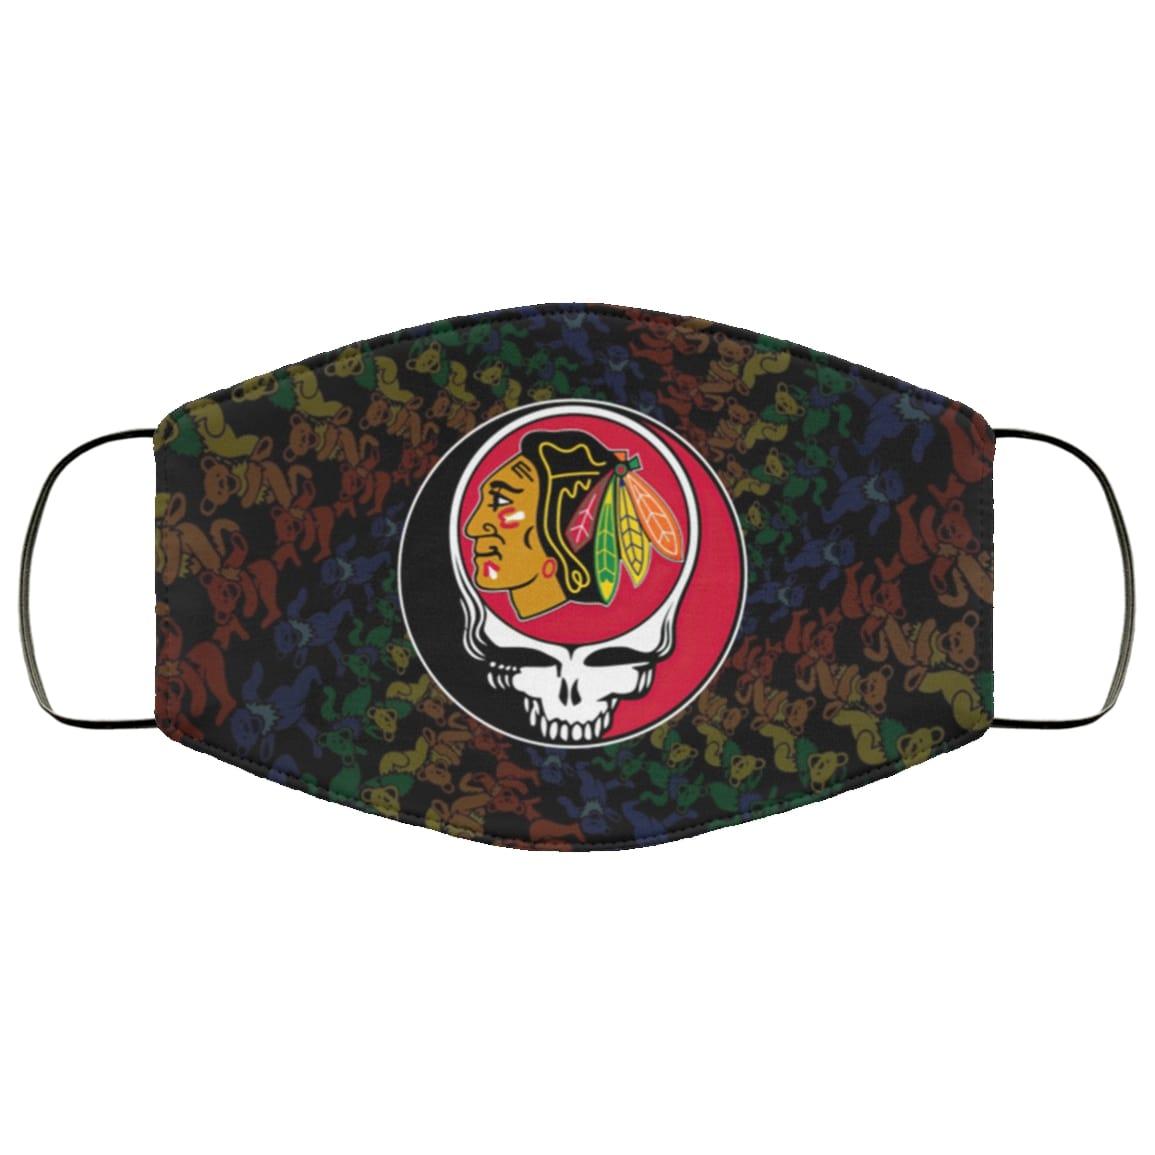 Grateful dead chicago blackhawks full over printed face mask 1